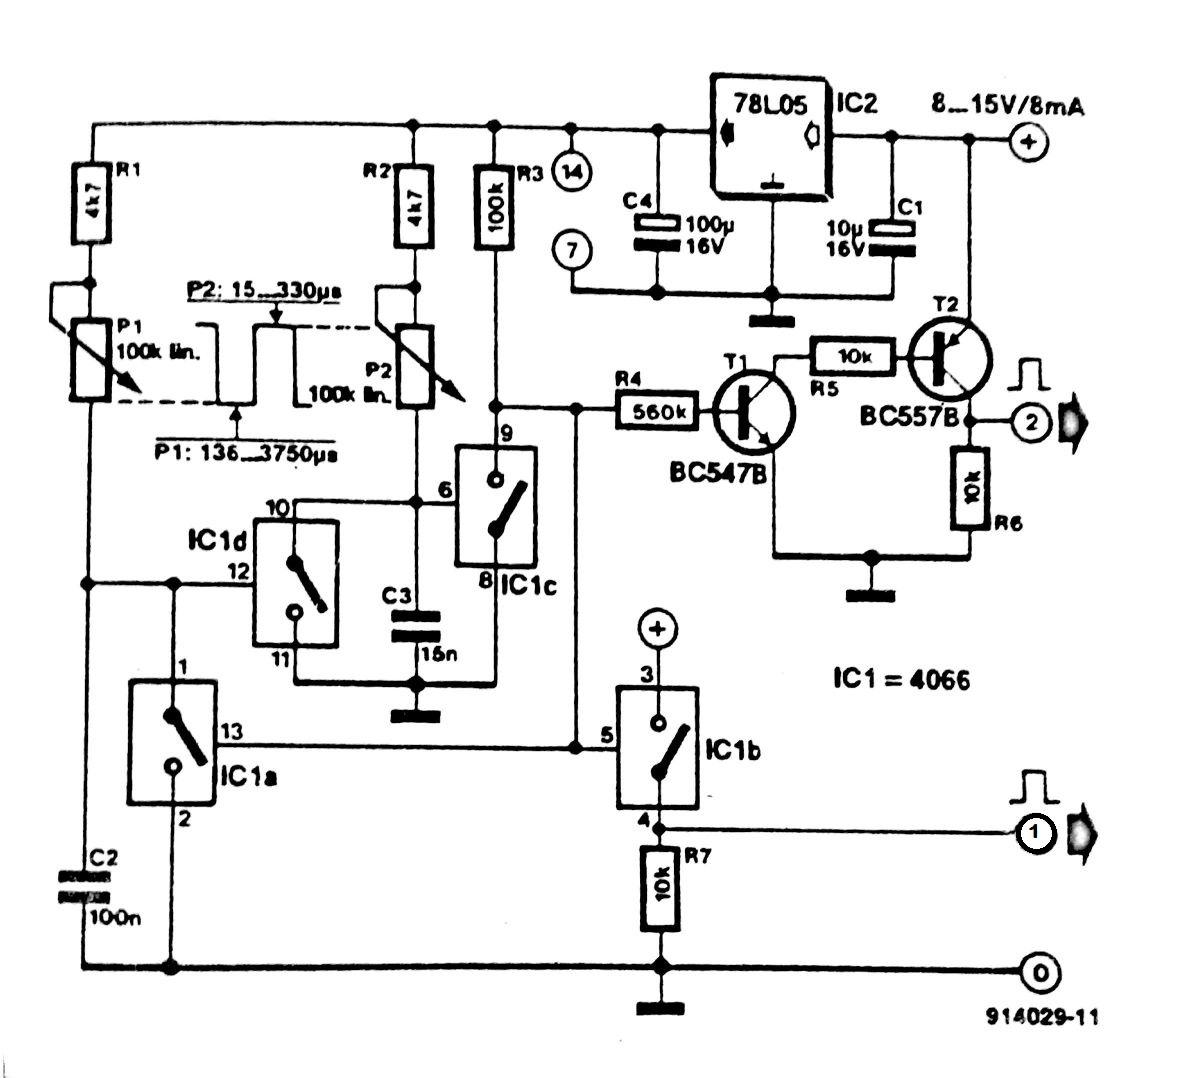 circuit diagram generator nilza net on simple electrical circuit diagram maker